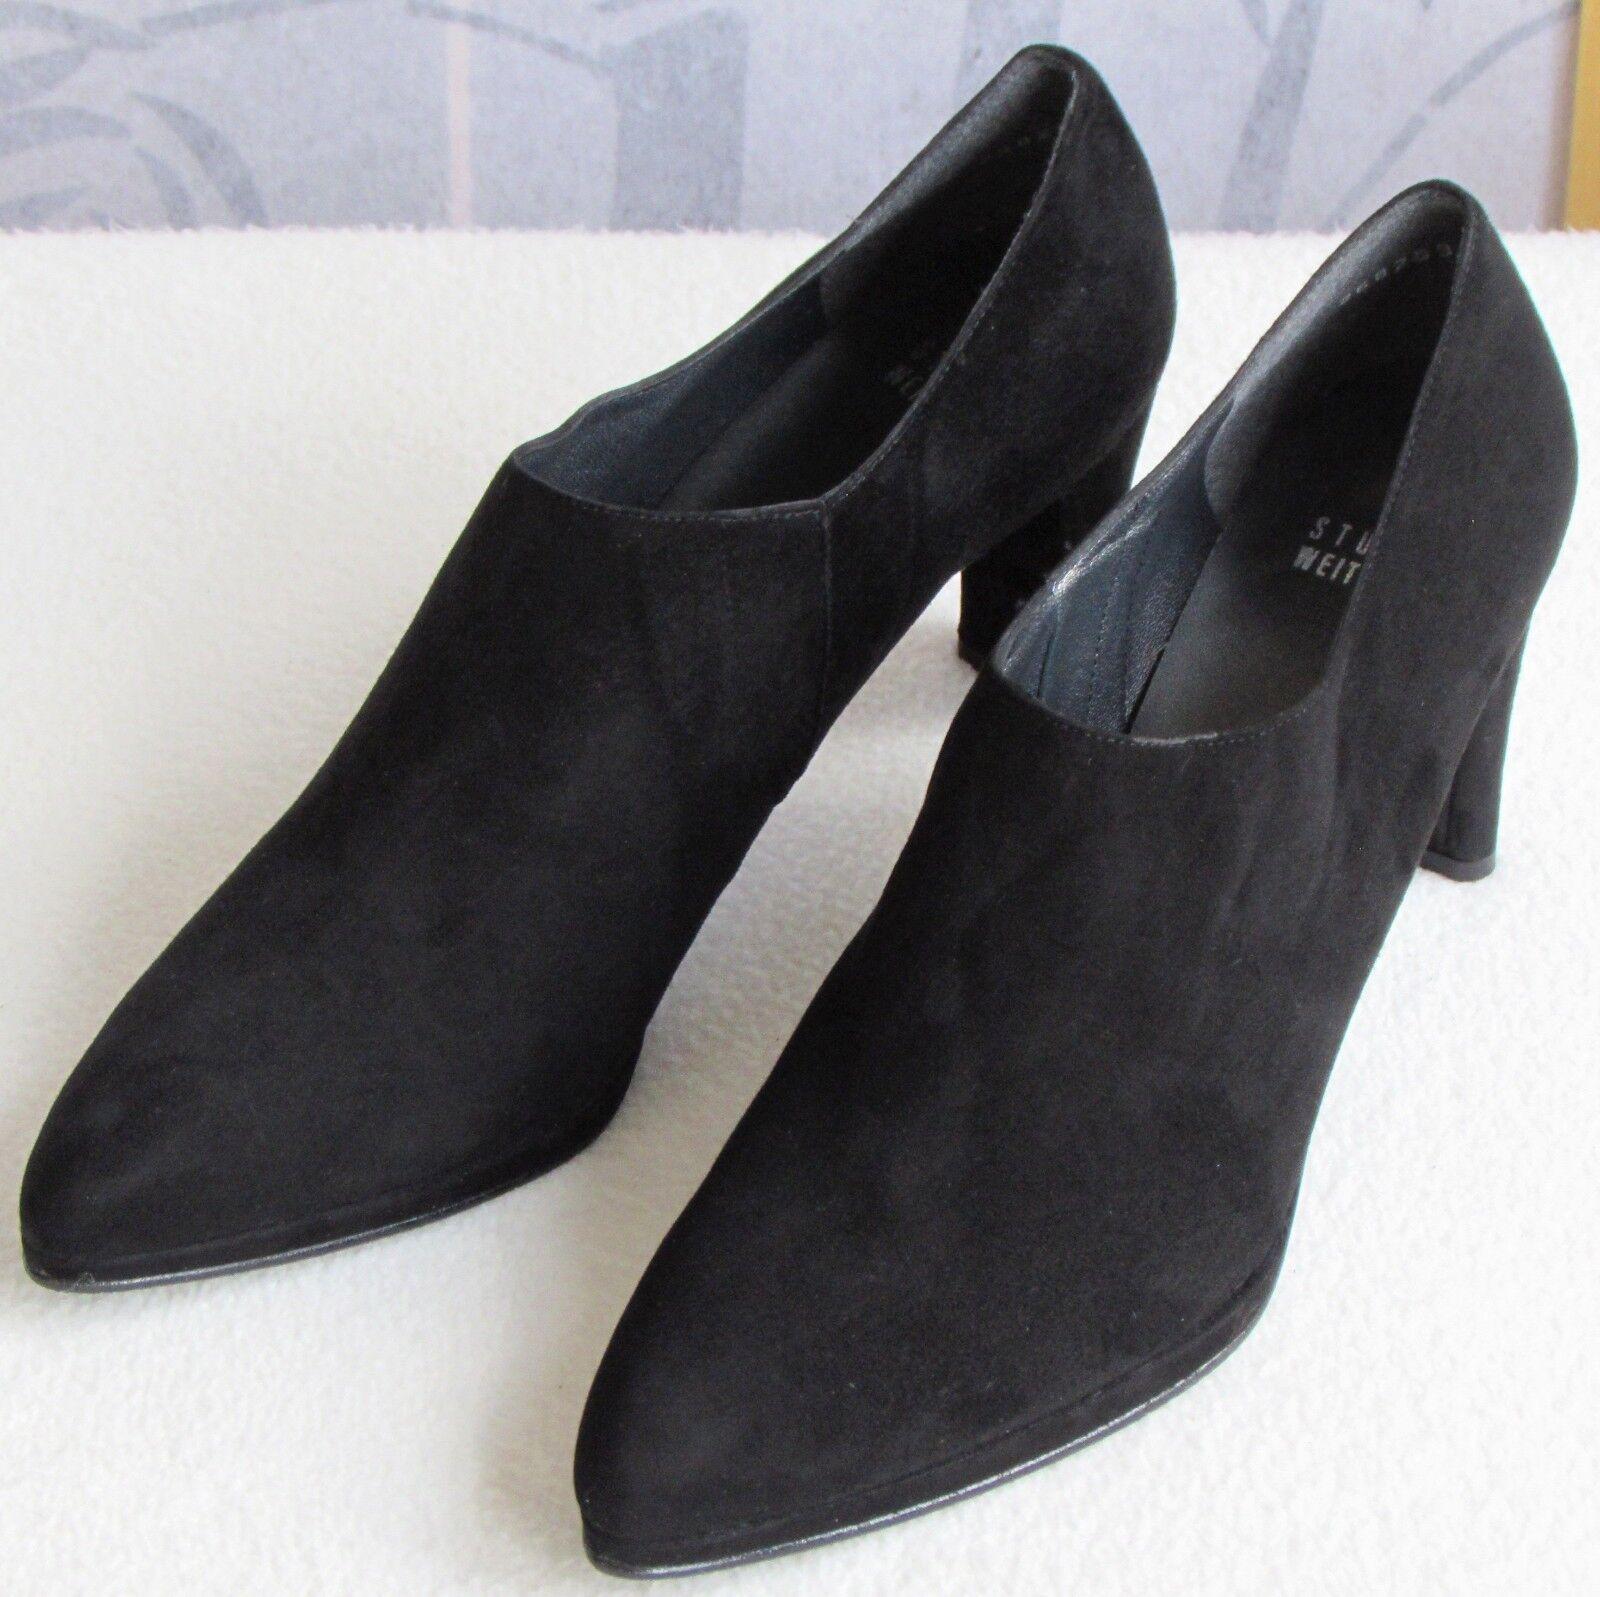 vieni a scegliere il tuo stile sportivo 10.5 10.5 10.5 N   Stuart Weitzman donna nero Suede Leather High Heel Pump avvioie Shoe  designer online